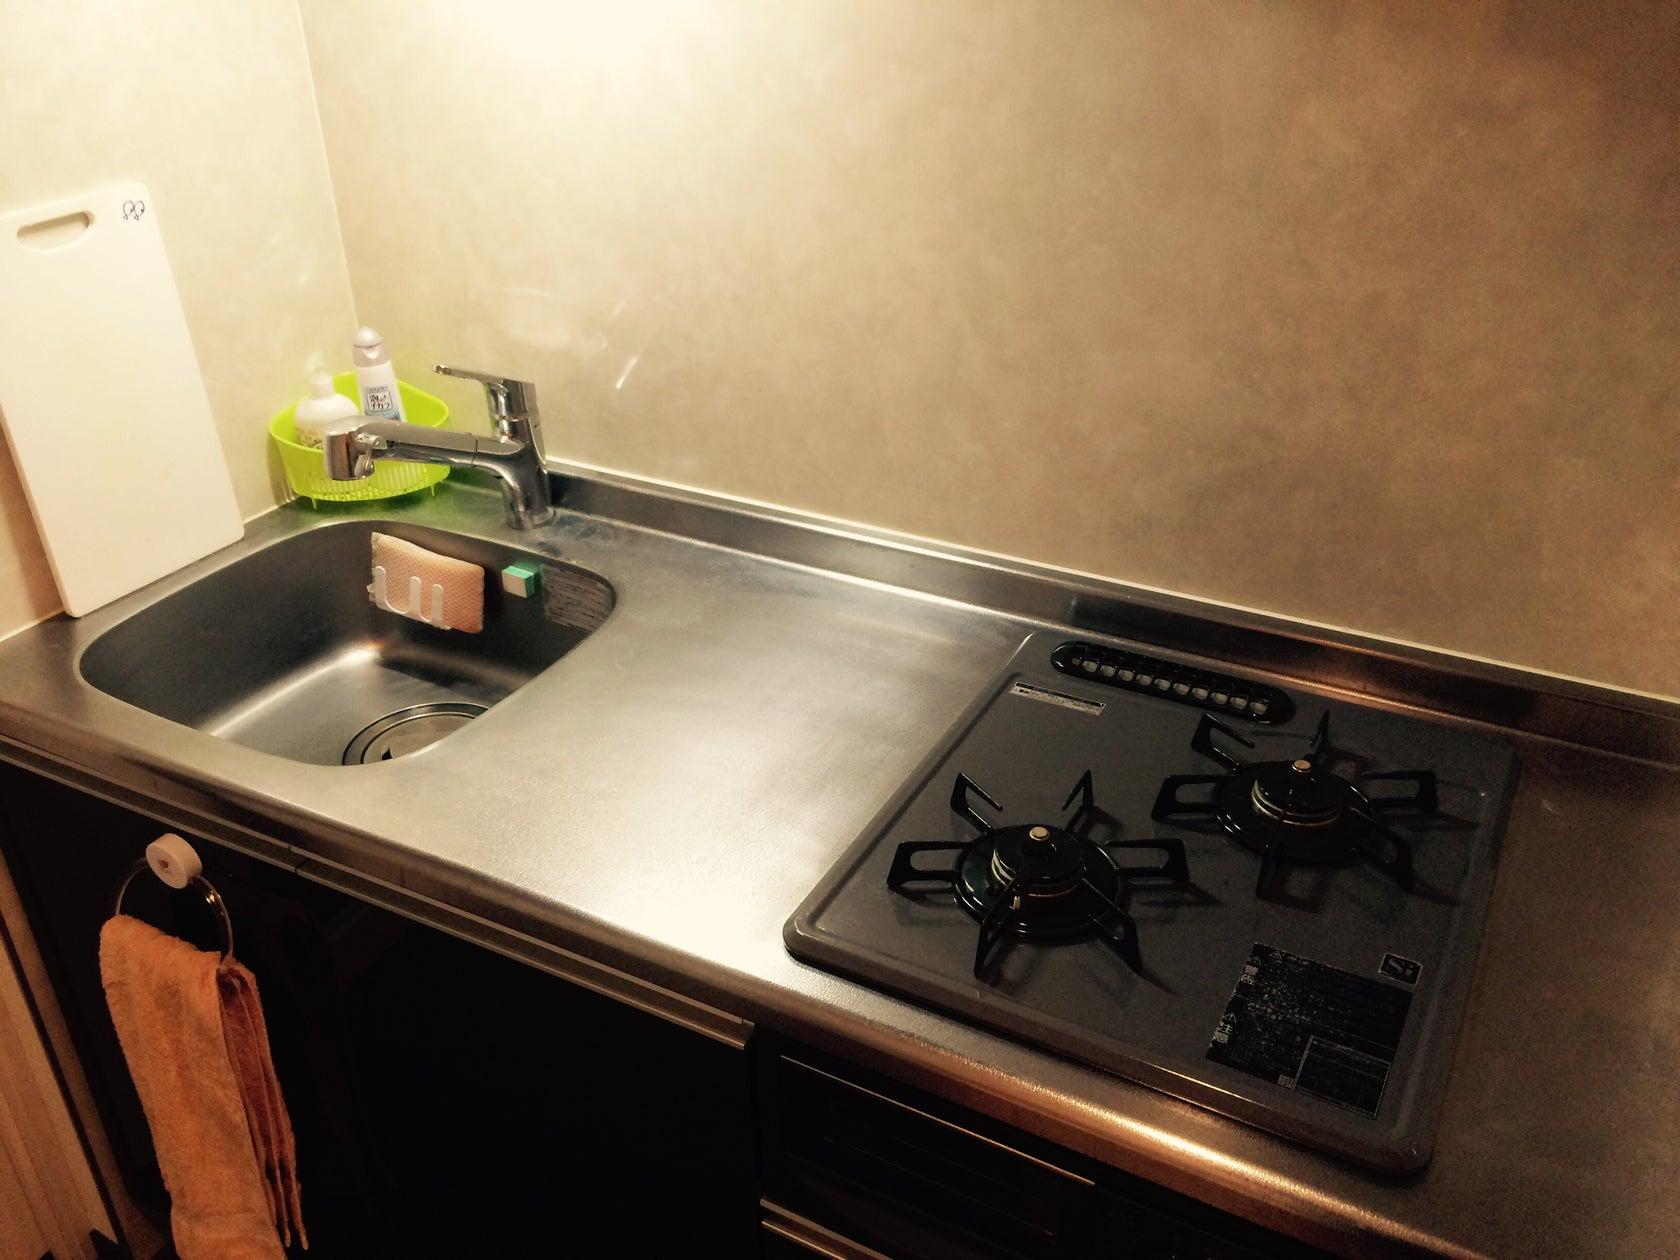 【 西新宿五丁目駅 徒歩6分 】〜ゆったり4名で過ごせる〜  キッチン利用可能・Wi-Fi完備  SNS投稿可! のサムネイル